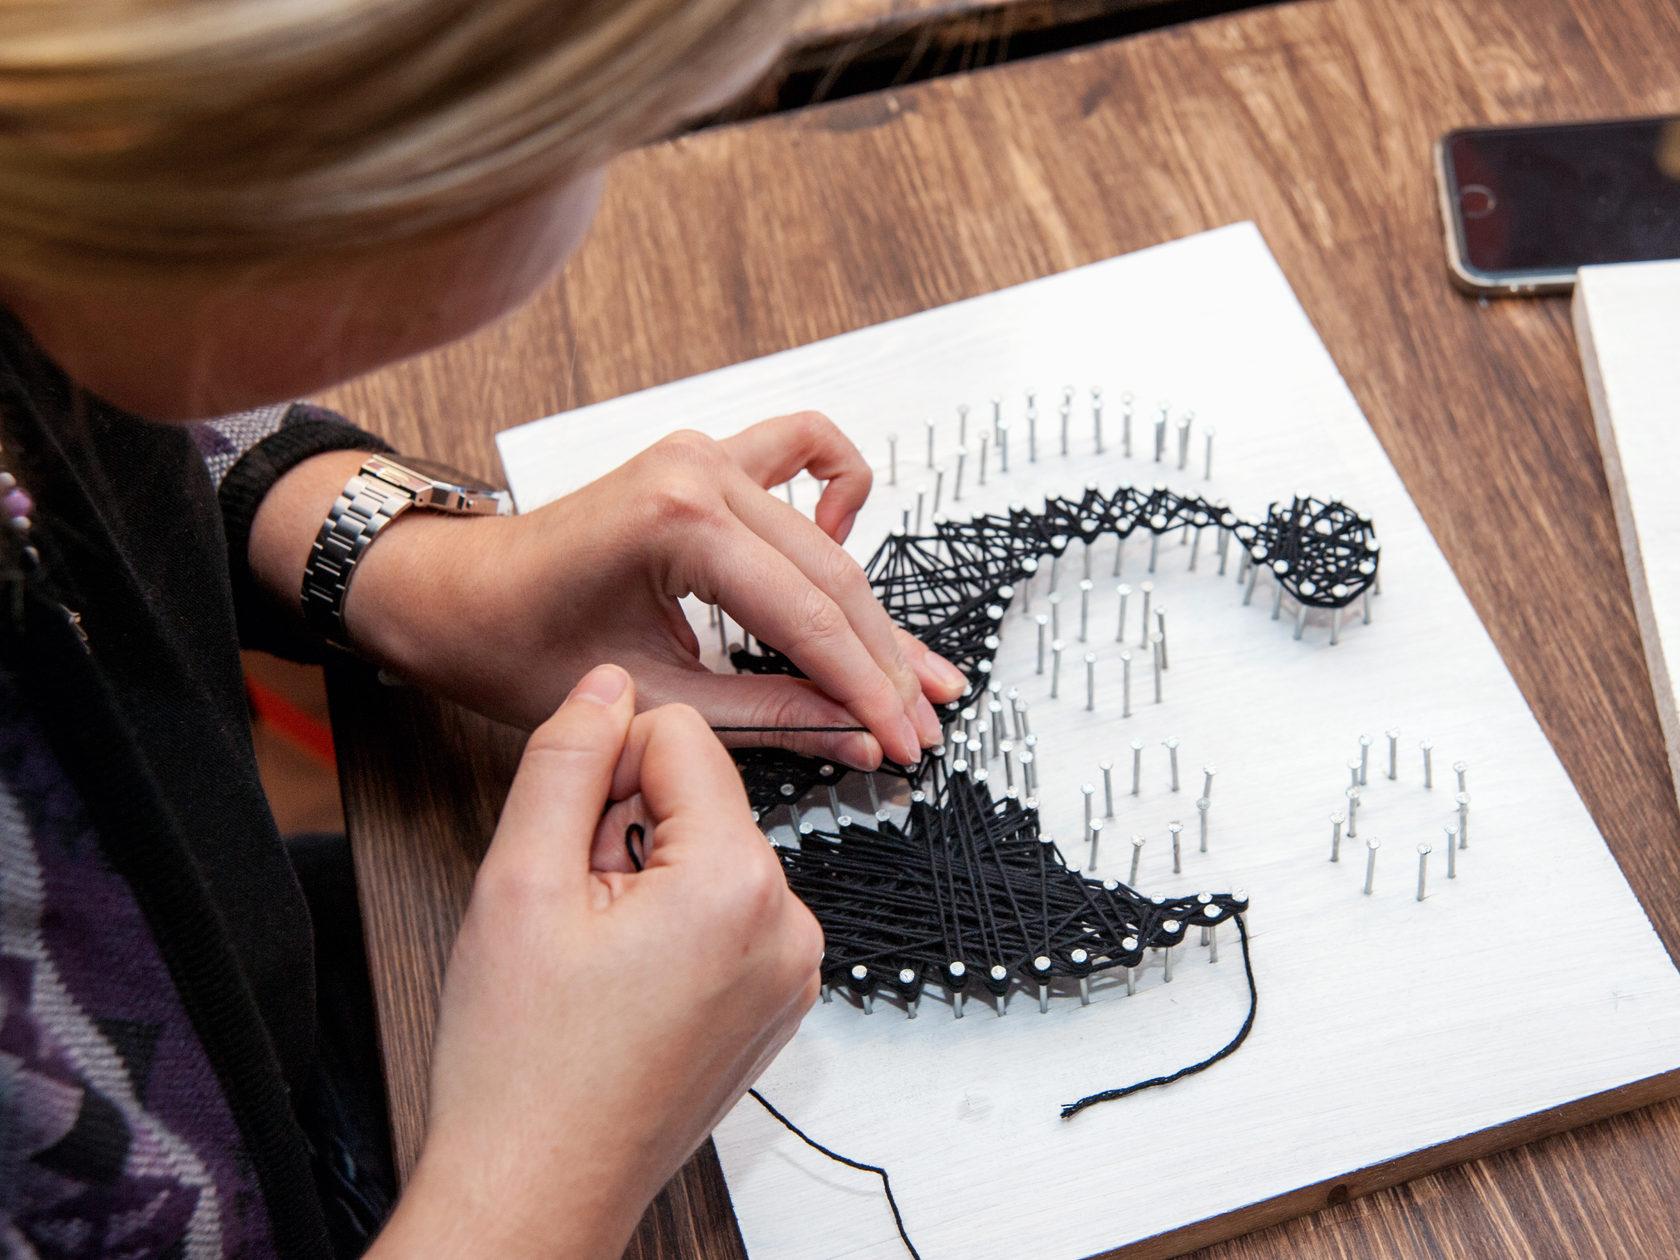 Стринг арт - картины из гвоздей и ниток